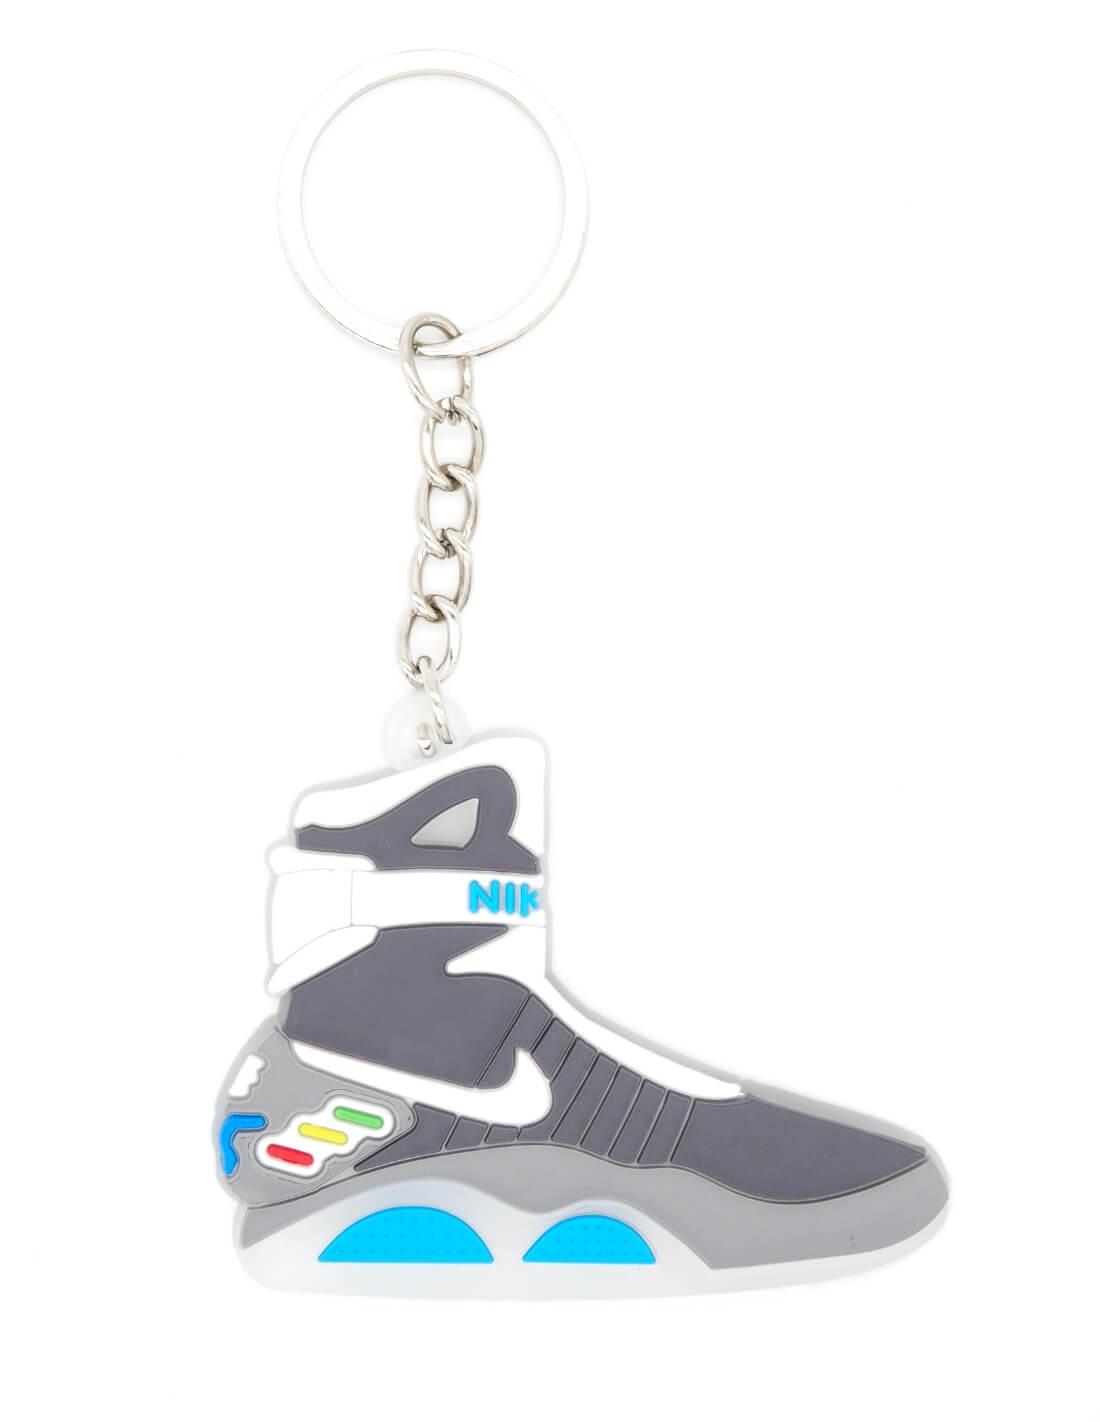 Porte clé Nike air mag - Retour vers le futur | Fskorp Ltd